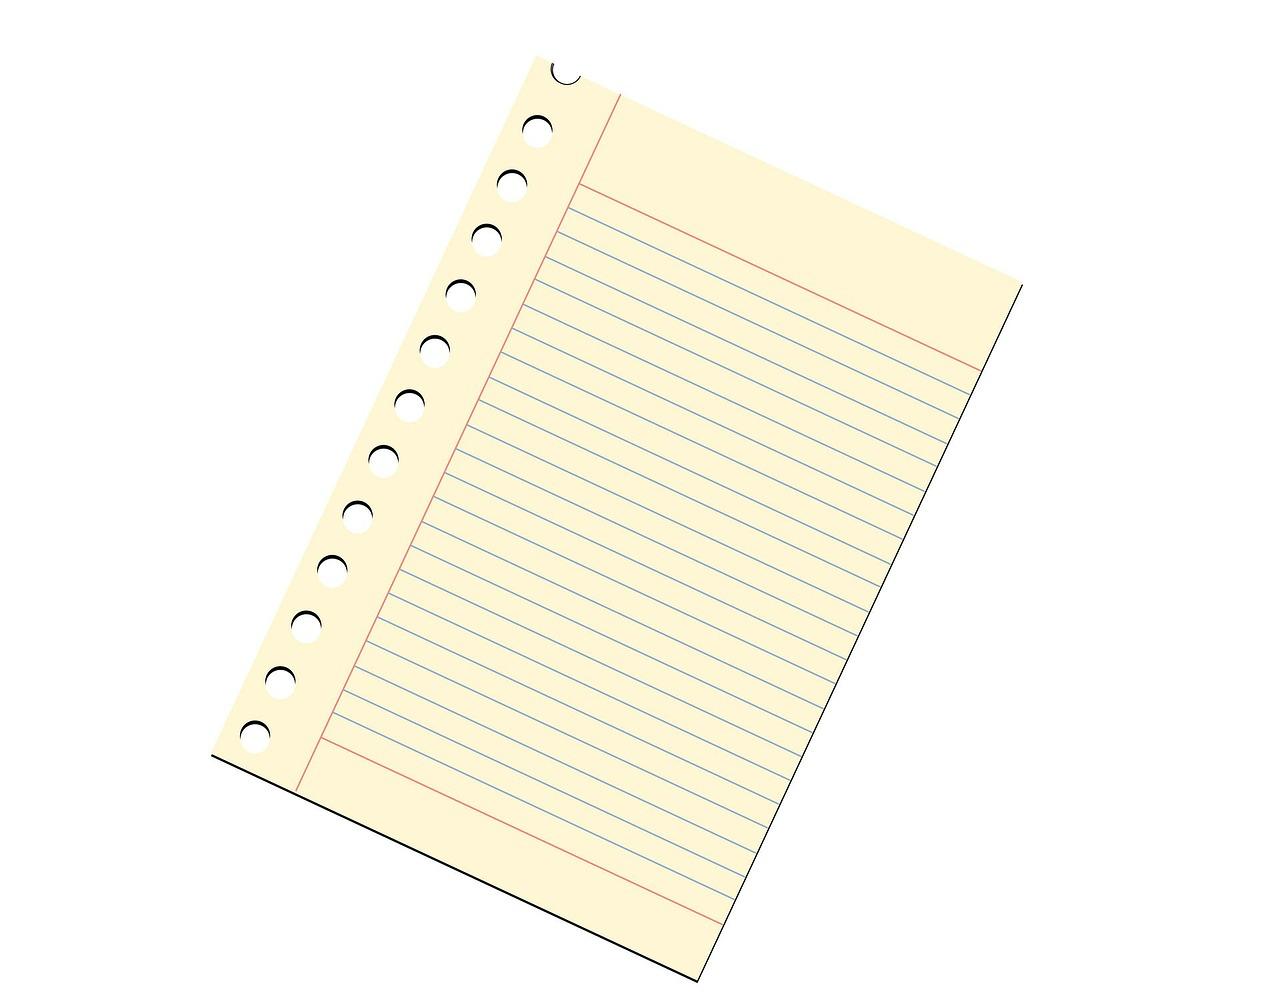 лист тетради блокнота картинки картинка история его